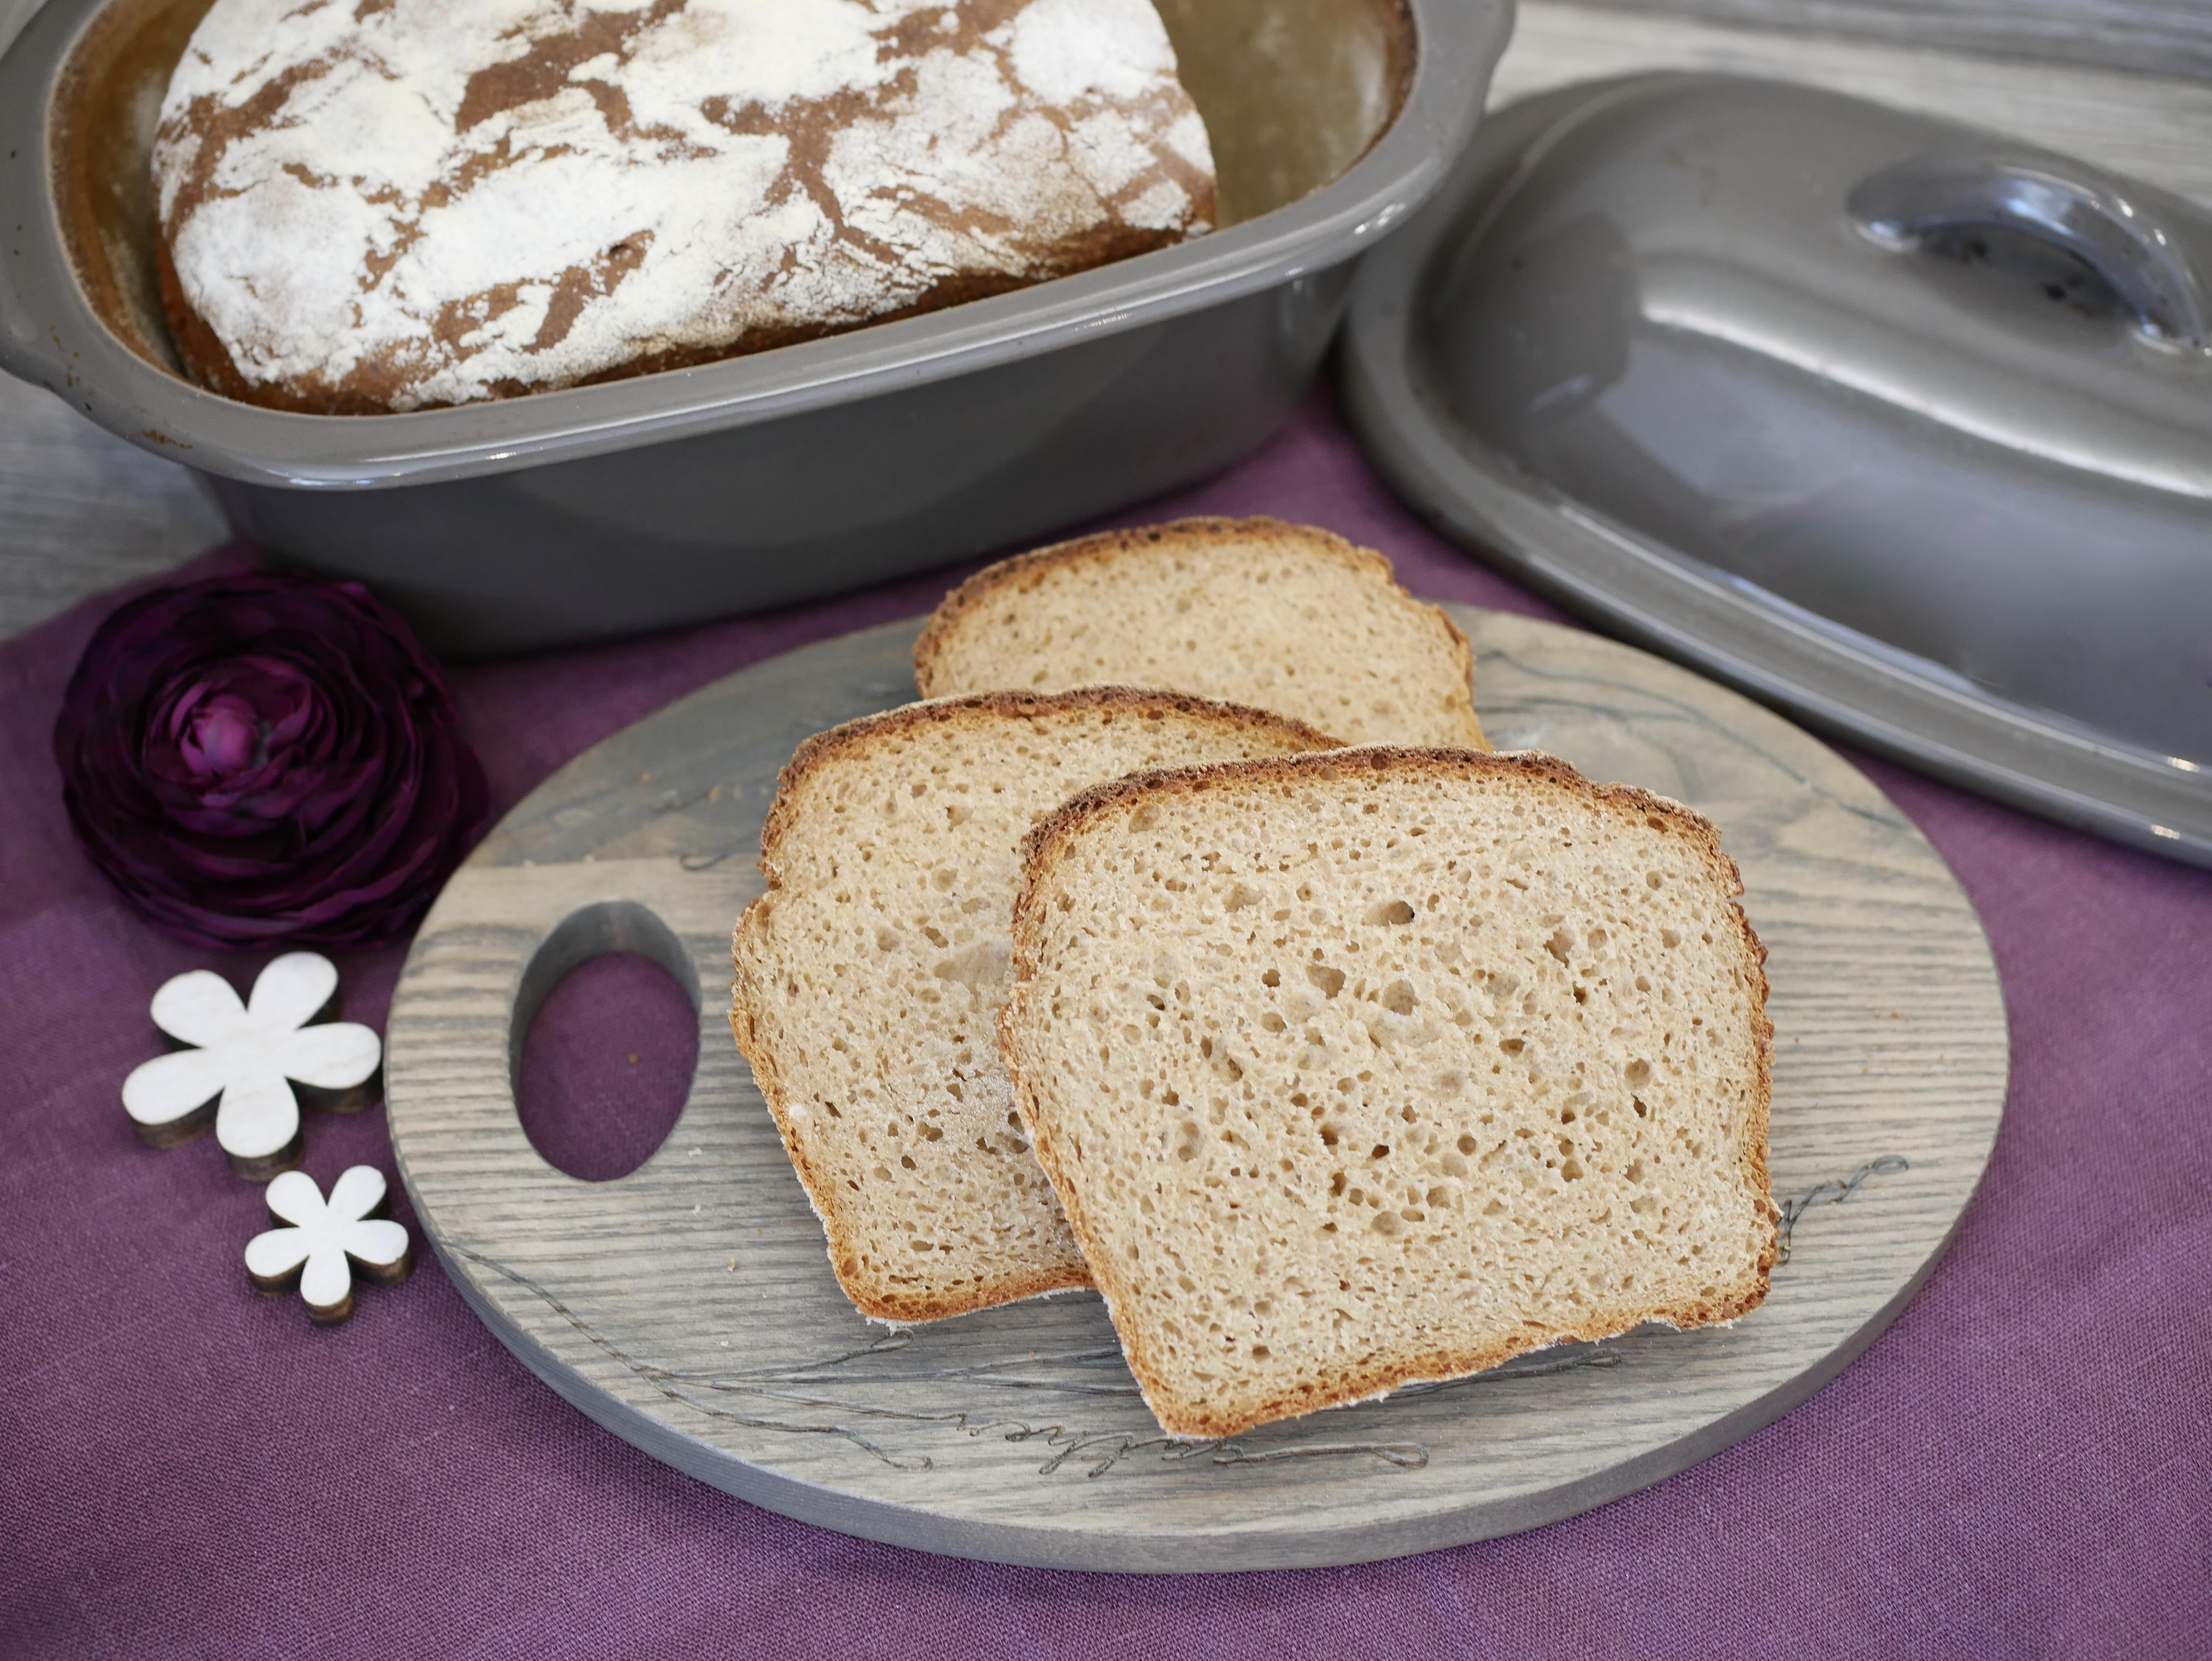 Brotscheiben auf Holzbrett für Rezept Ruck-Zuck-Brot aus dem kleinen Zaubermeister